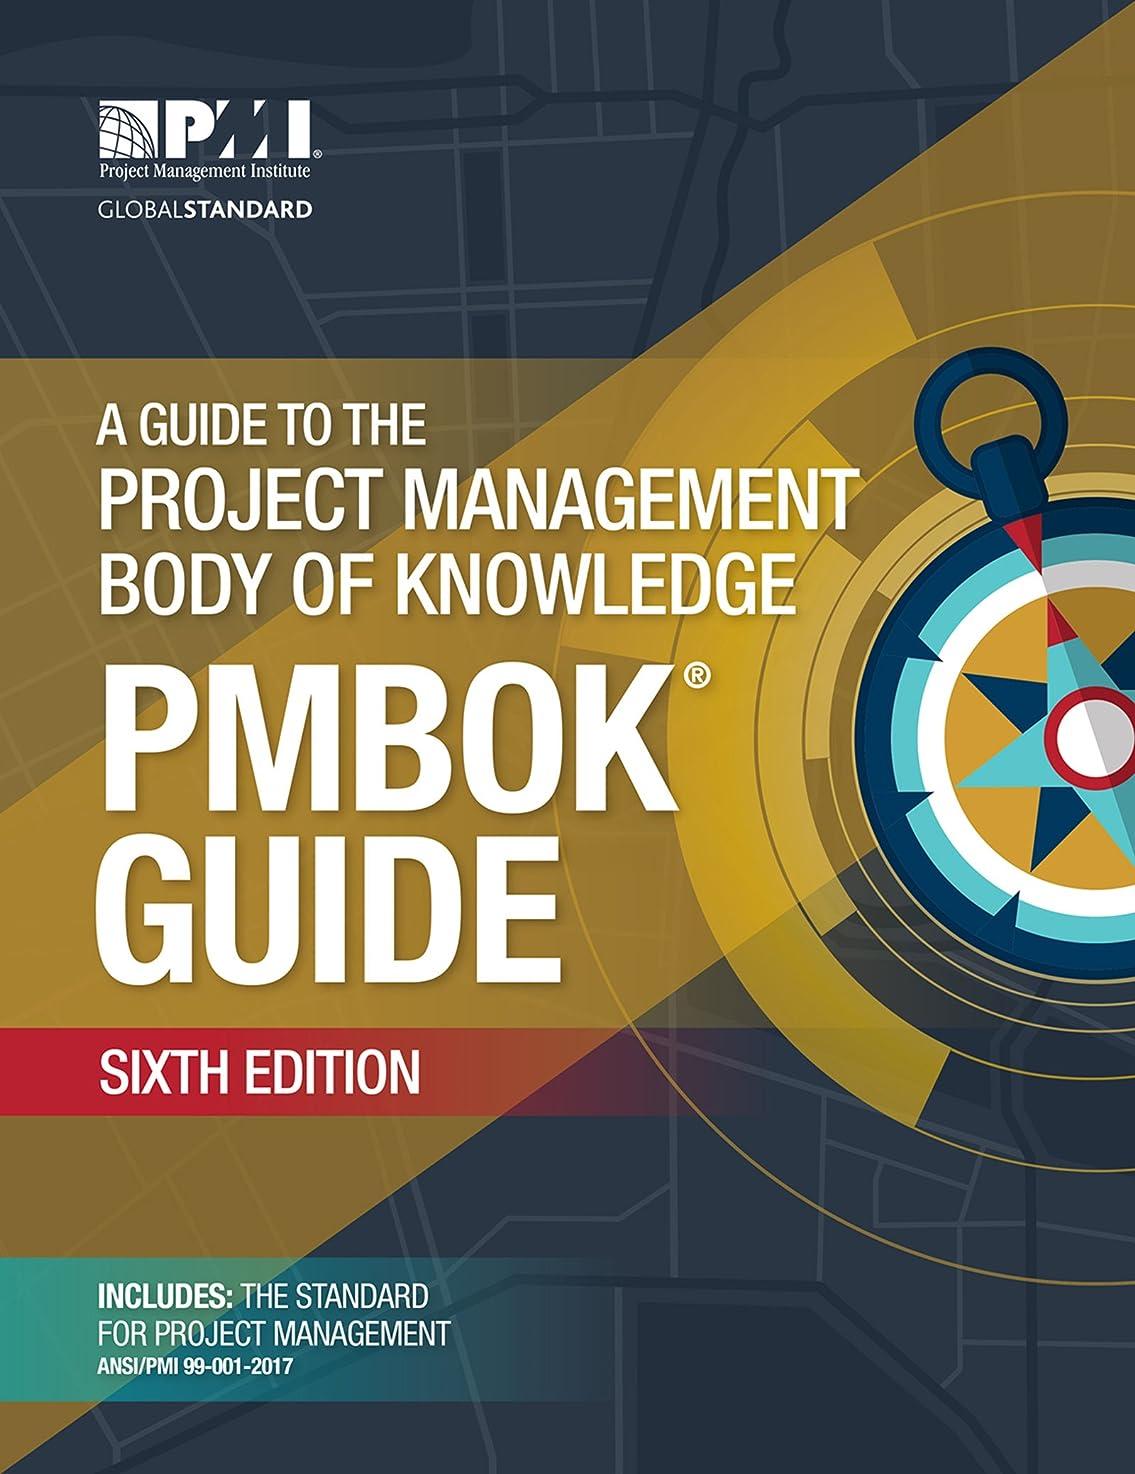 出血守るスツールA Guide to the Project Management Body of Knowledge (PMBOK? Guide)–Sixth Edition (English Edition)